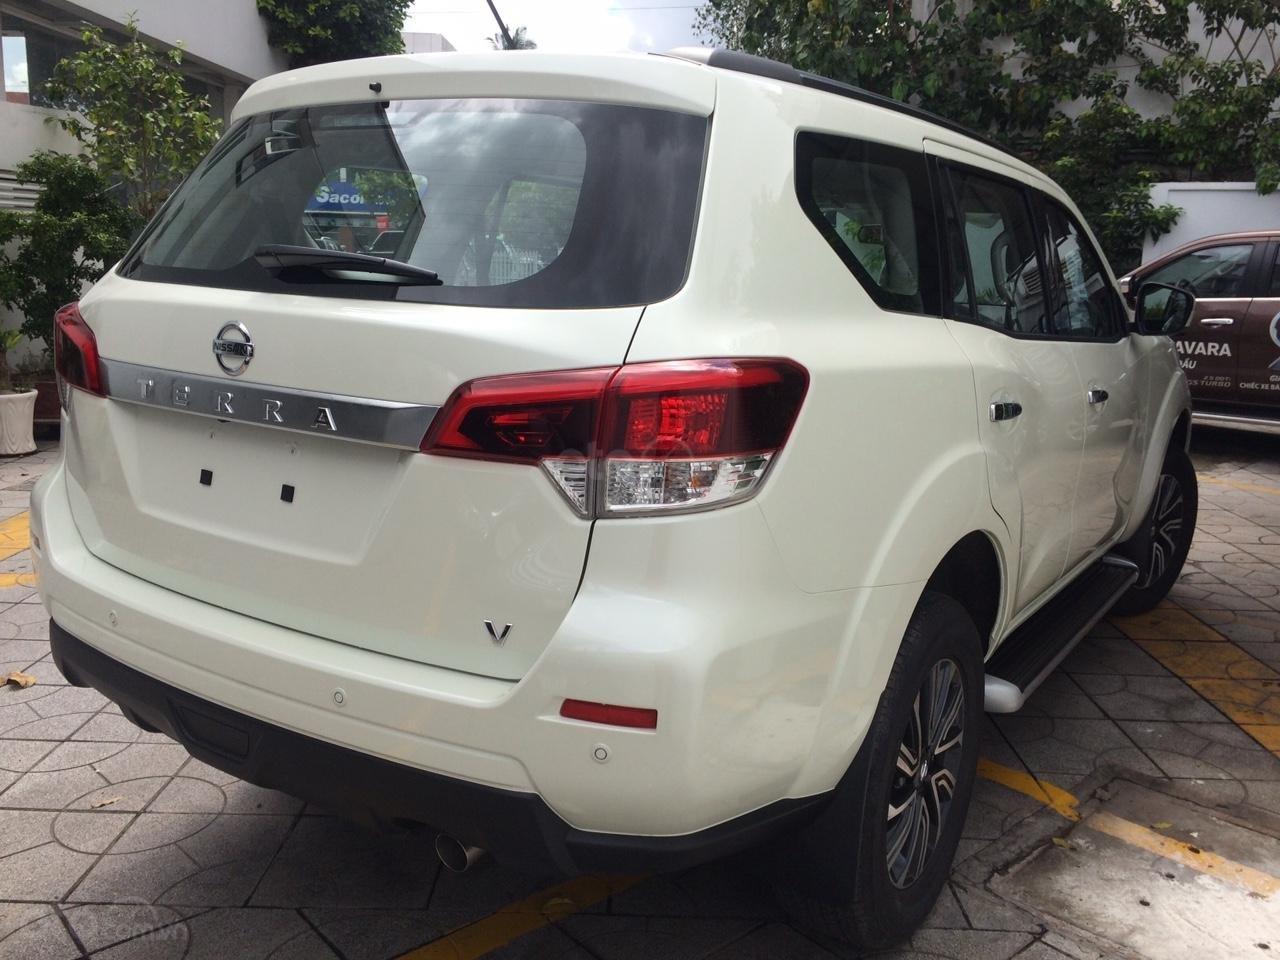 Cần bán Nissan Terra V 2.5 AT 4 WD sản xuất 2019, CTKM hấp dẫn, giao xe ngày, LH 0938466812-2